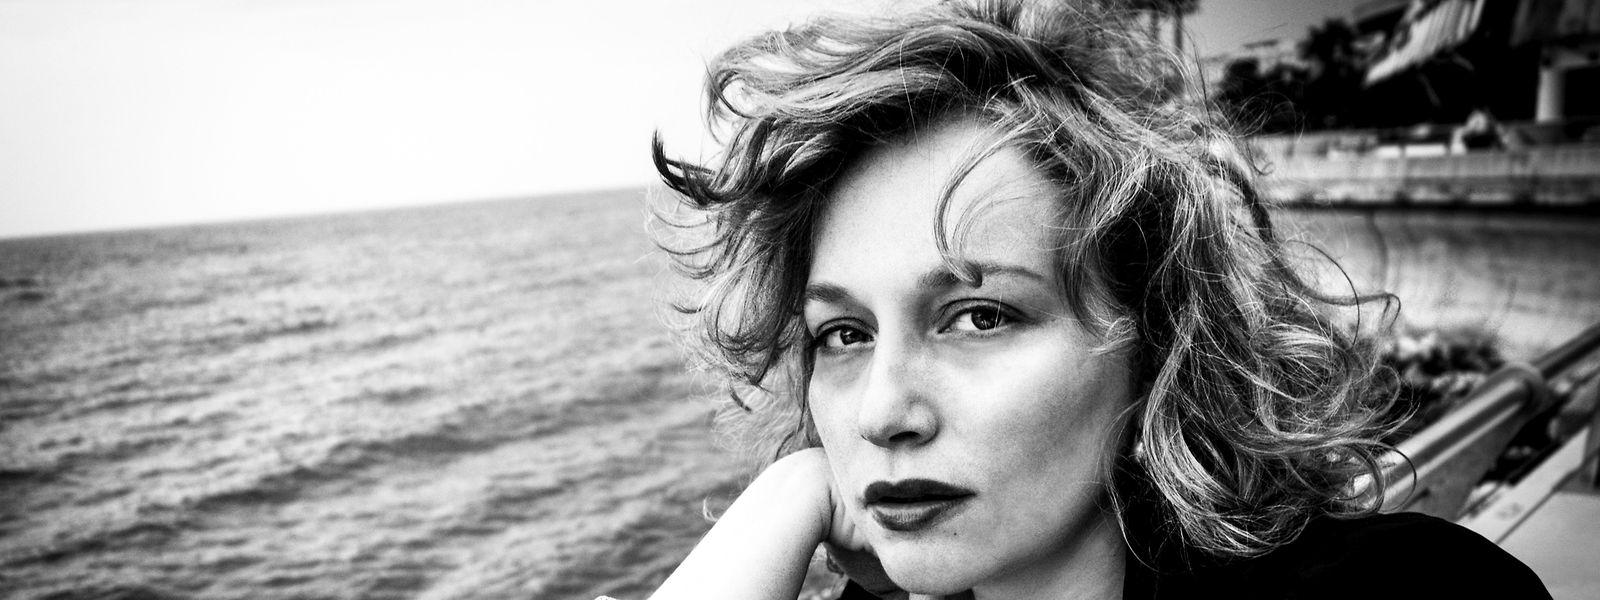 Benita Suchodrev im Selbstporträt. Die Kamera ist für sie wie ein Werkzeug, nicht mehr, eine Verbindung zwischen ihr und der Realität.